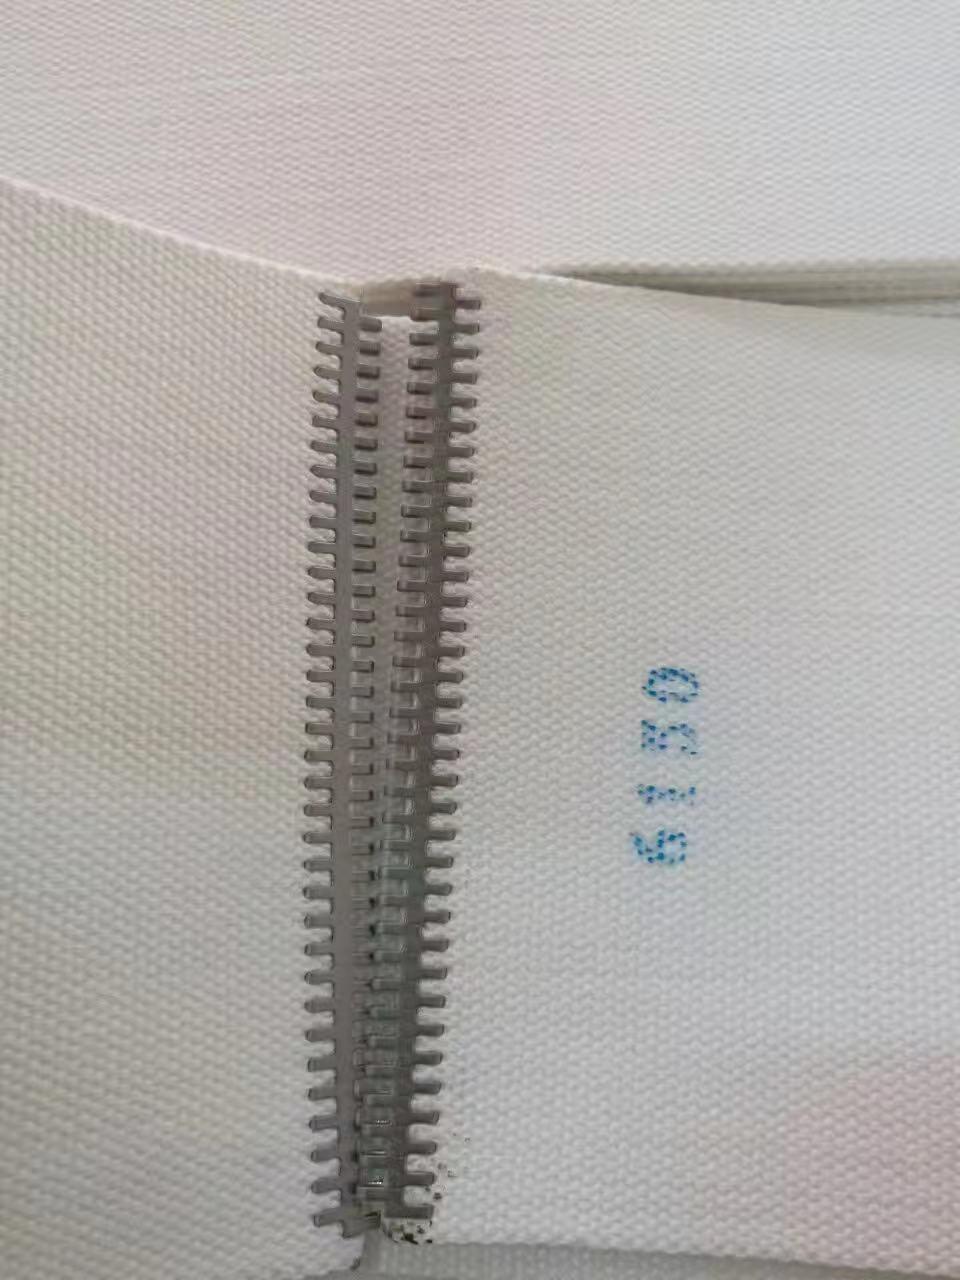 الصينية مكواة منتجات سير من القنب